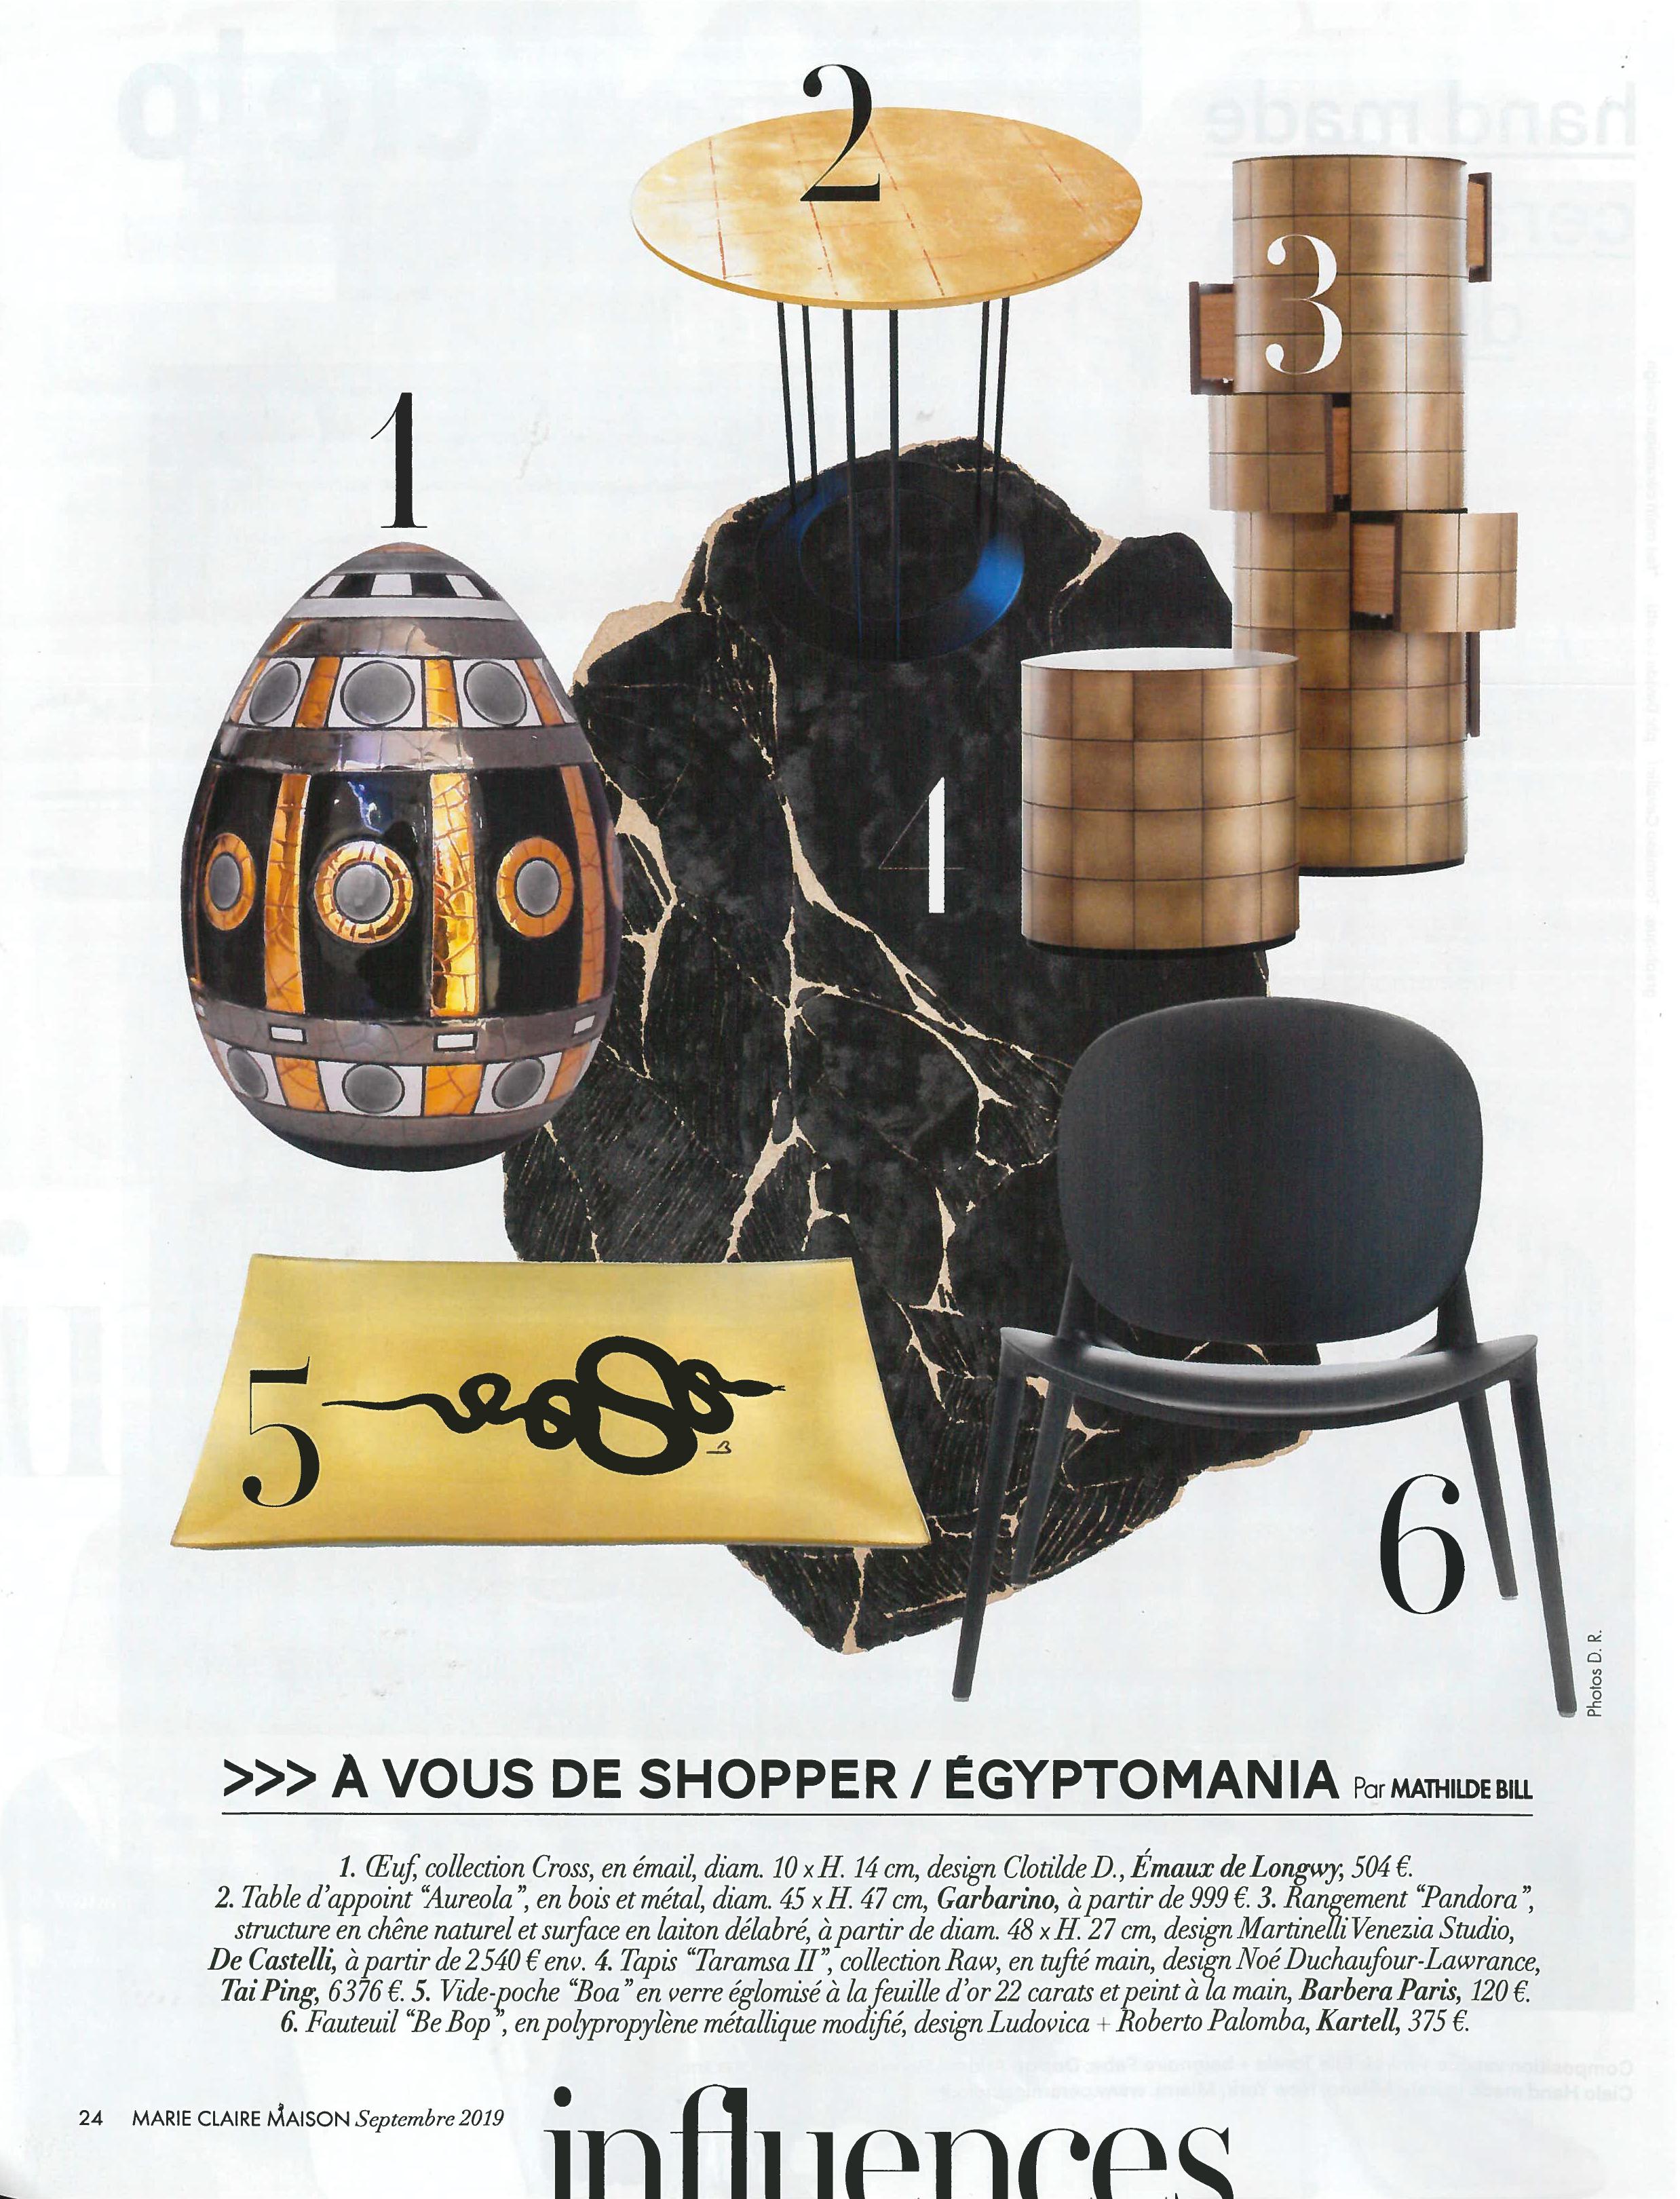 Marie Claire Maison - Septembre 2019-2.jpg